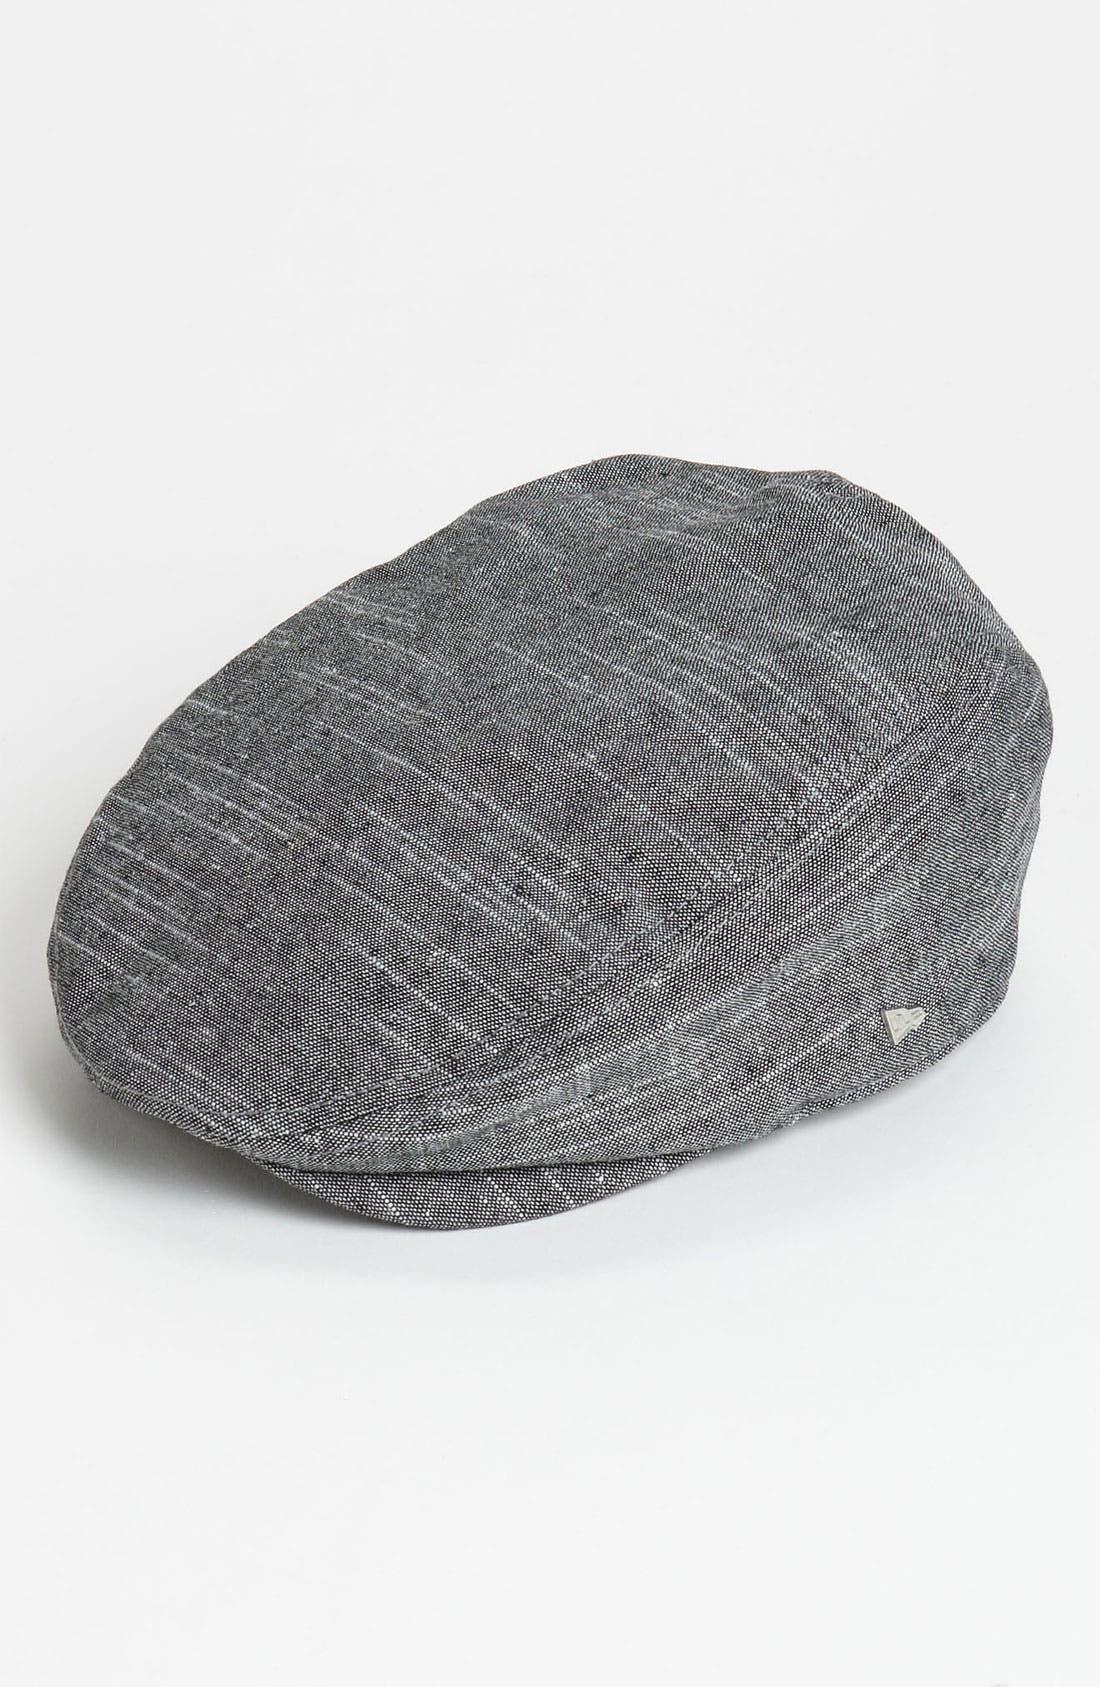 Alternate Image 1 Selected - New Era 'EK® - Carlsbad' Driving Cap